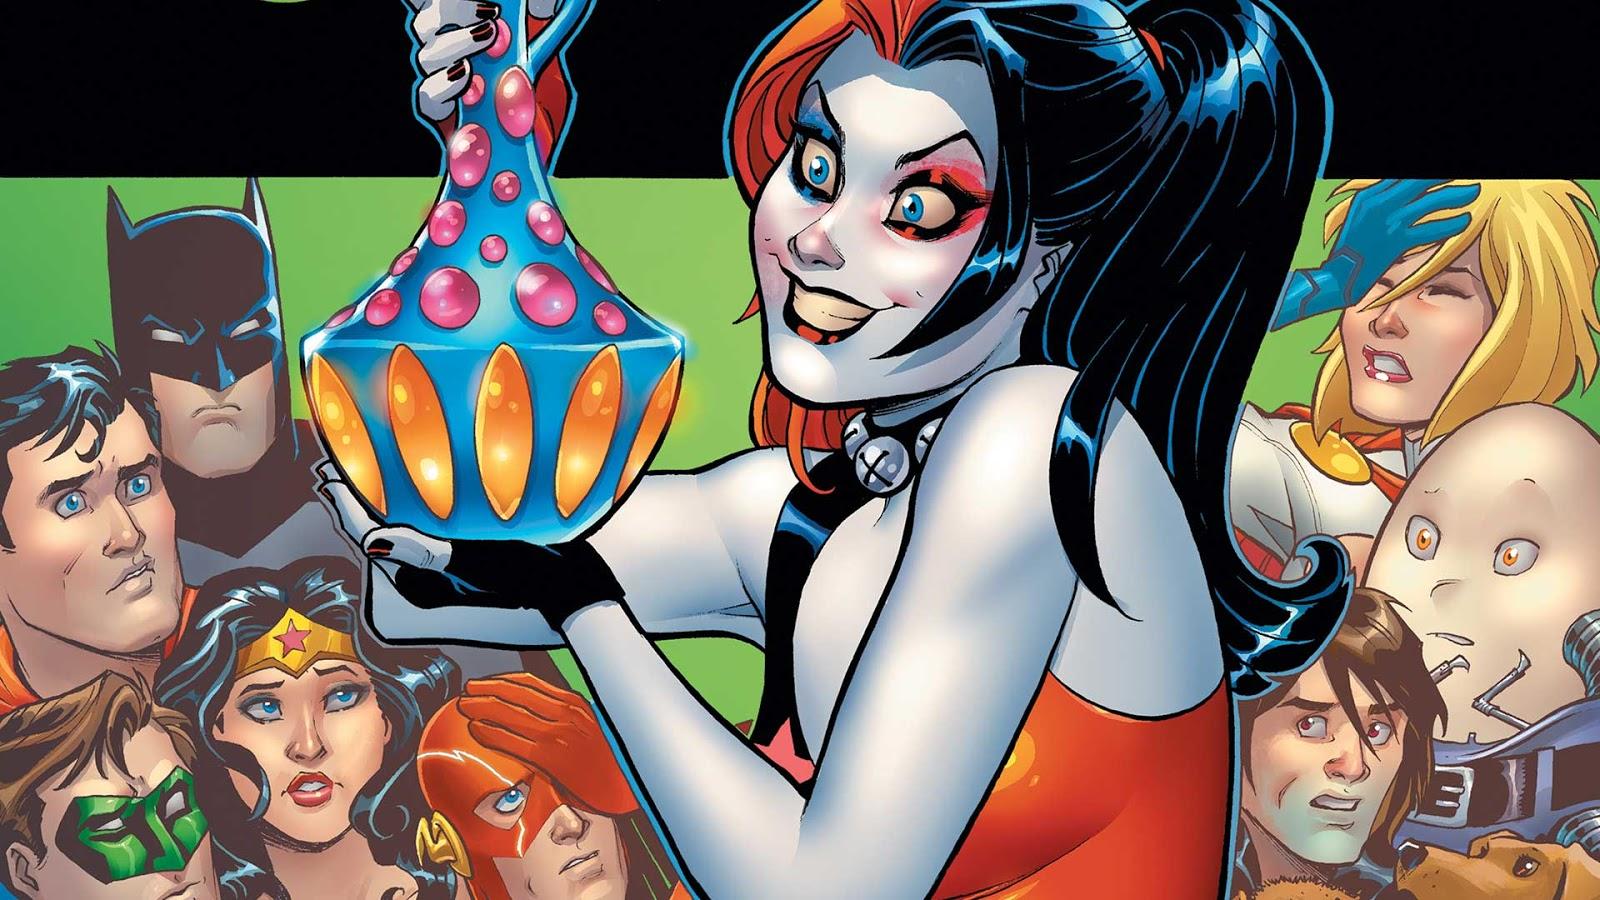 Harley quinn boobs